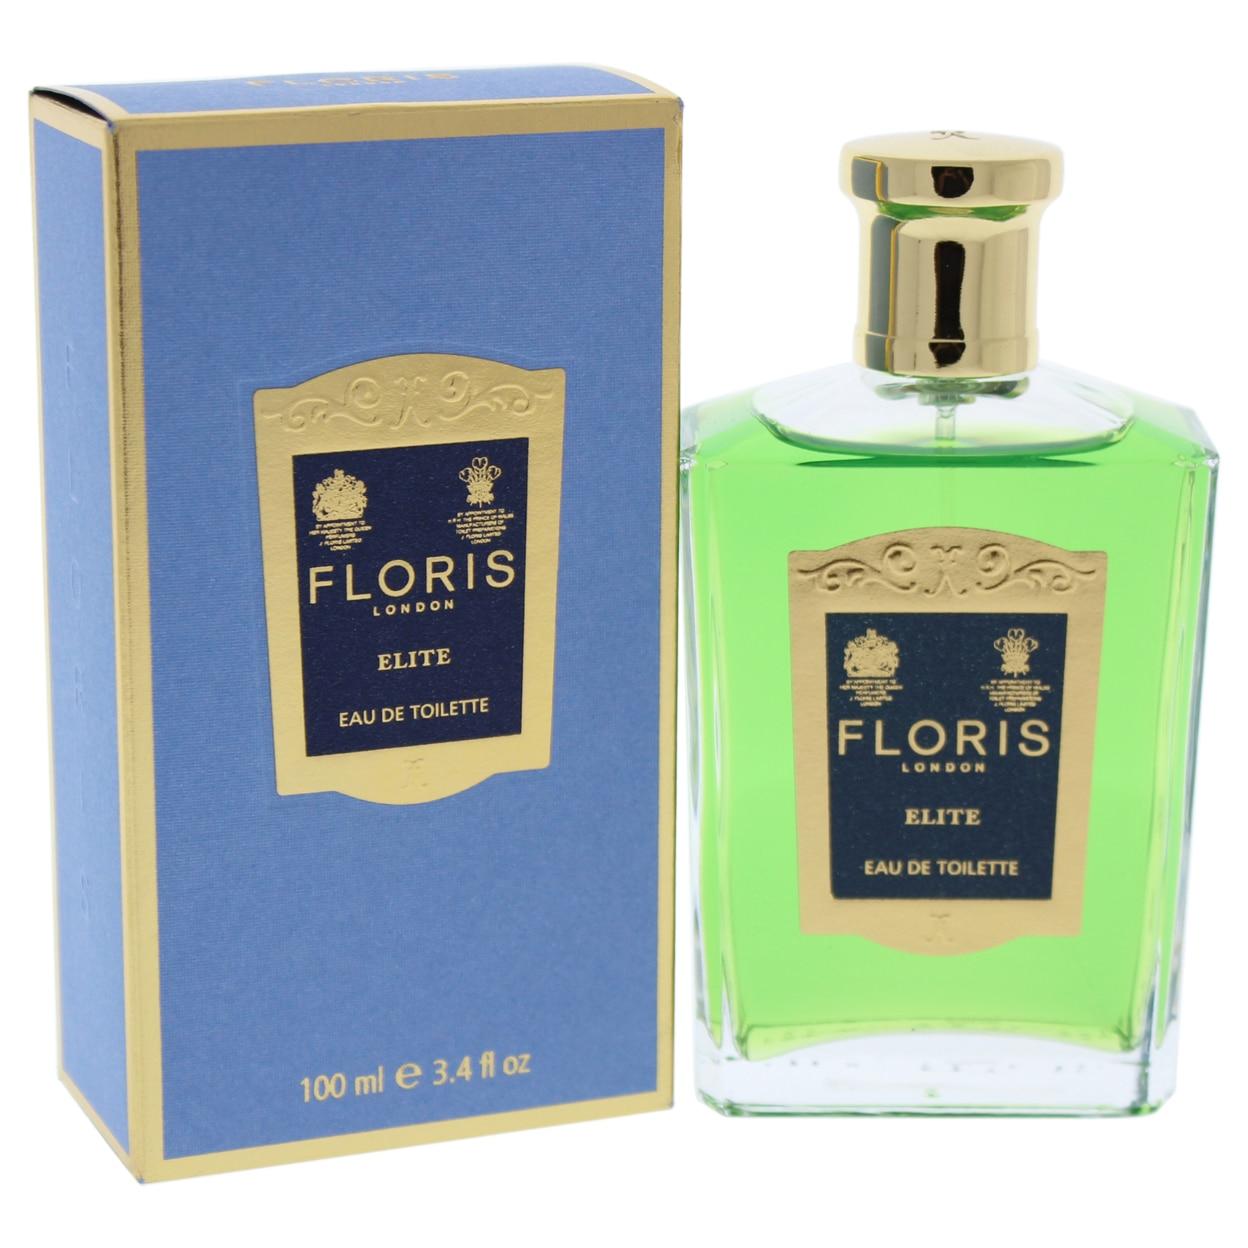 Elite by Floris London for Men - 3.4 oz EDT Spray все цены